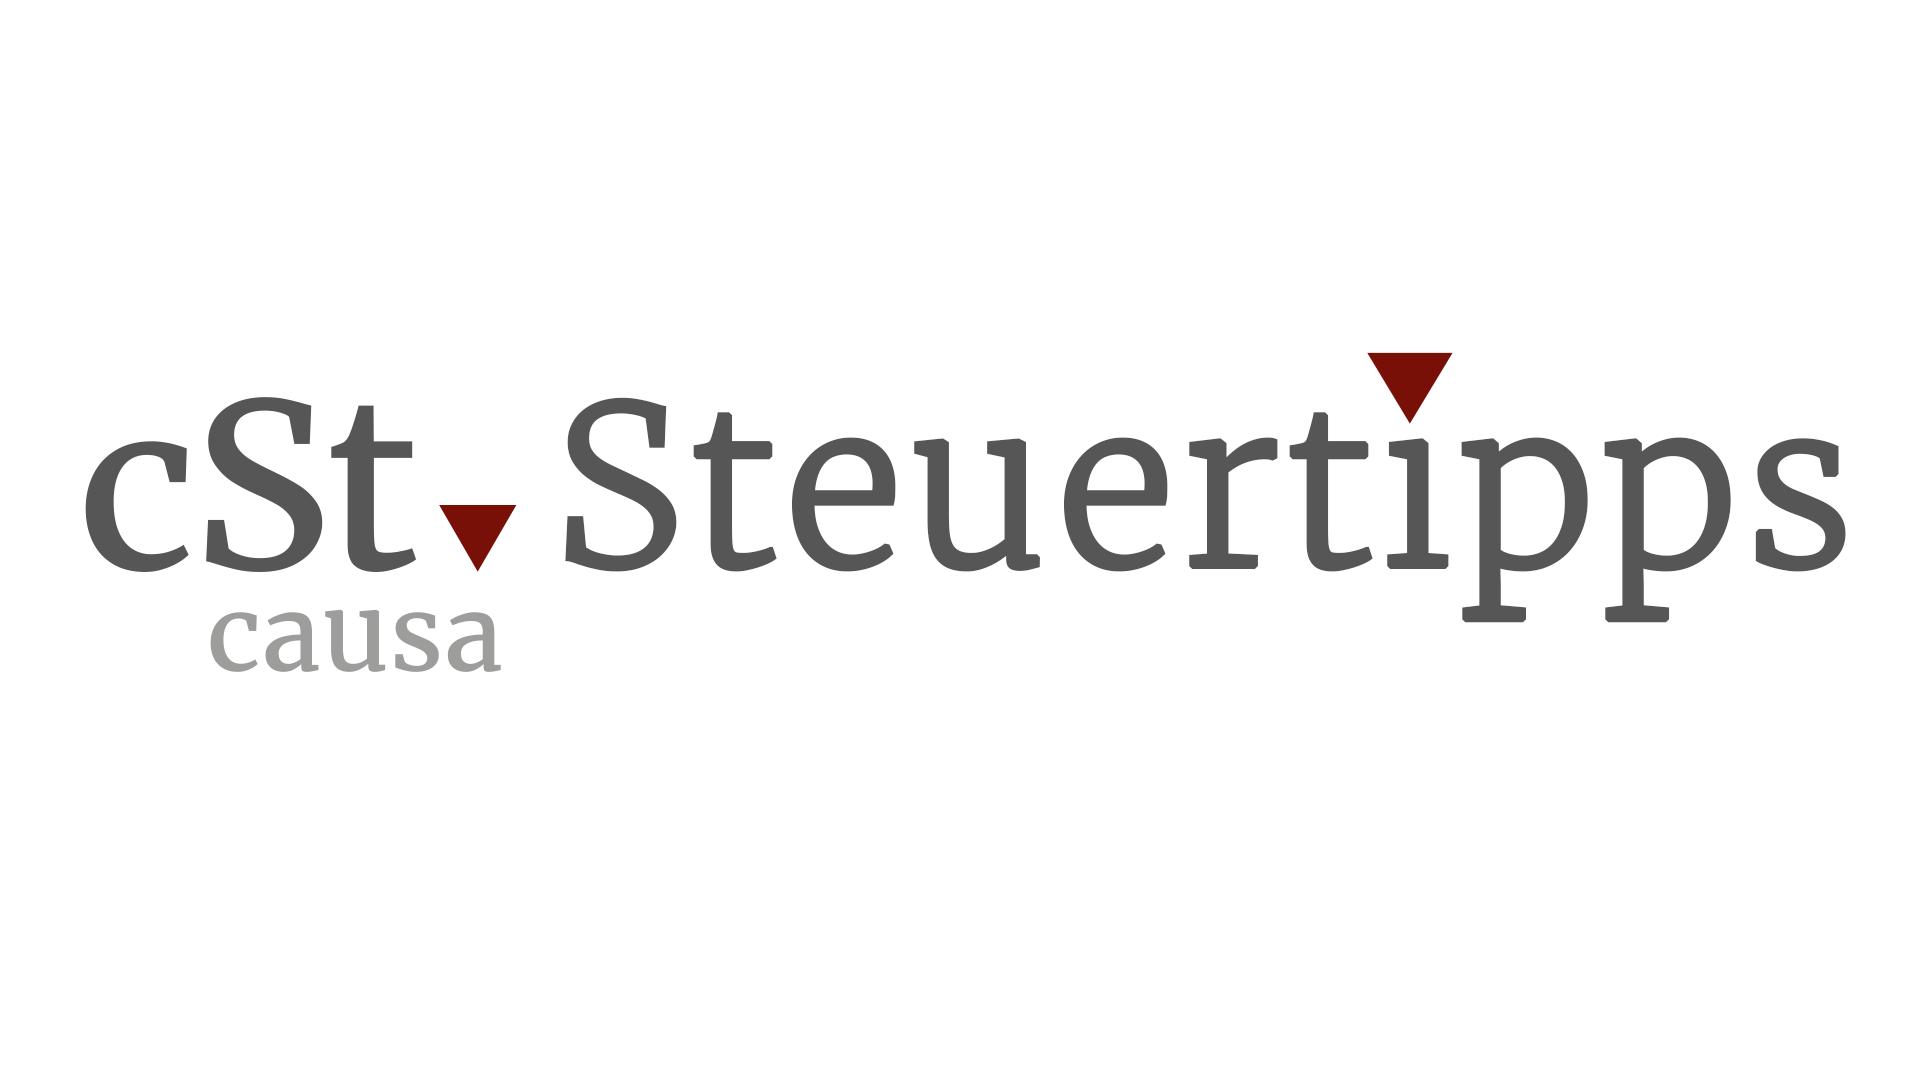 cSt Steuertipps - Header Bild